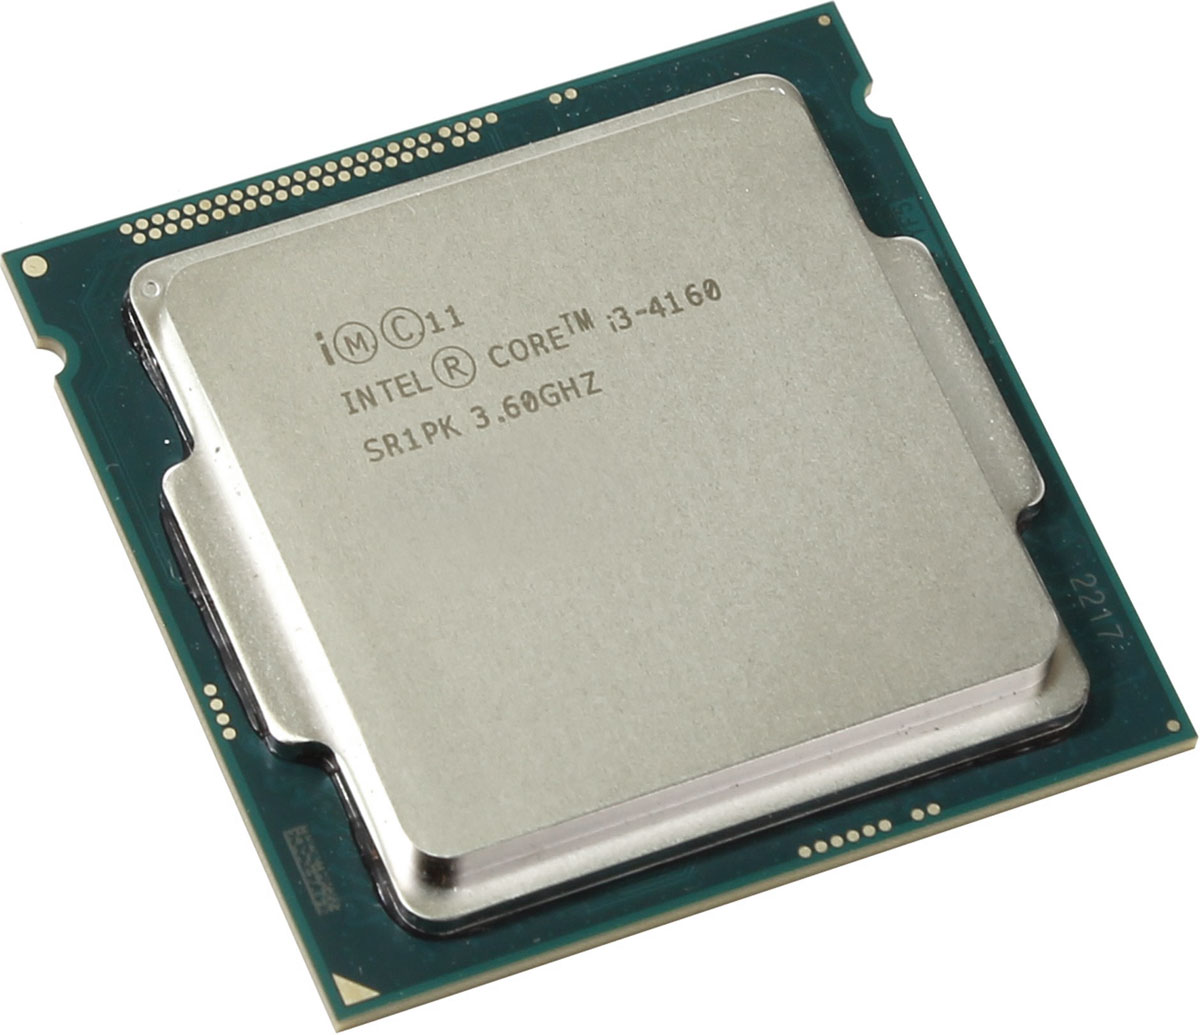 Intel Core i3-4160 процессор947533Intel Core i3-4160 - процессор для настольных персональных компьютеров, основанных на платформе Intel.В основе лежит архитектура Haswell, что позволяет оптимизировать работу двух ядер, функционирующих на частоте 3600 МГц. Дополнительное быстродействие обеспечивается кэш-памятью третьего уровня объемом 3072 КБ. Обработка изображения перед демонстрацией его на мониторе ПК осуществляется графическим процессором Intel HD Graphics 4400.Для двусторонней передачи данных между Intel Core i3-4160 и оперативной памятью компьютера предусмотрен встроенный контроллер, поддерживающий модули размером до 32 ГБ. Также в данной модели установлены контроллер PCI-E 3.0 и системная шина DMI 2.0, которые используются для связи с другими элементами ПК.Энергопотребление процессора сохраняется на оптимальном уровне благодаря применению технологии Enhanced SpeedStep.